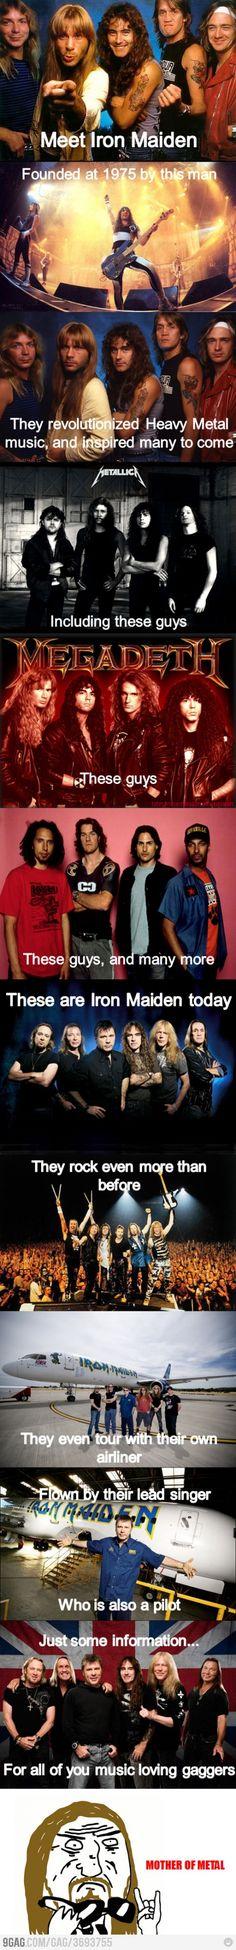 Just Iron Maiden